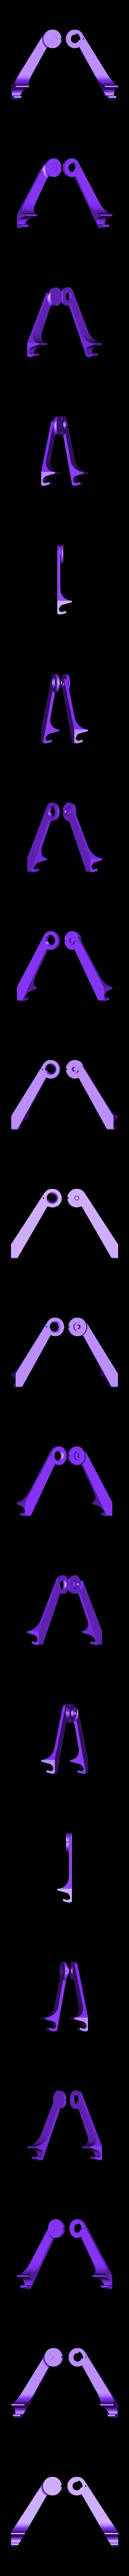 upper_and_lower_foot_4download.stl Télécharger fichier STL gratuit Stand imprimé iPad 3d • Plan pour imprimante 3D, theveel